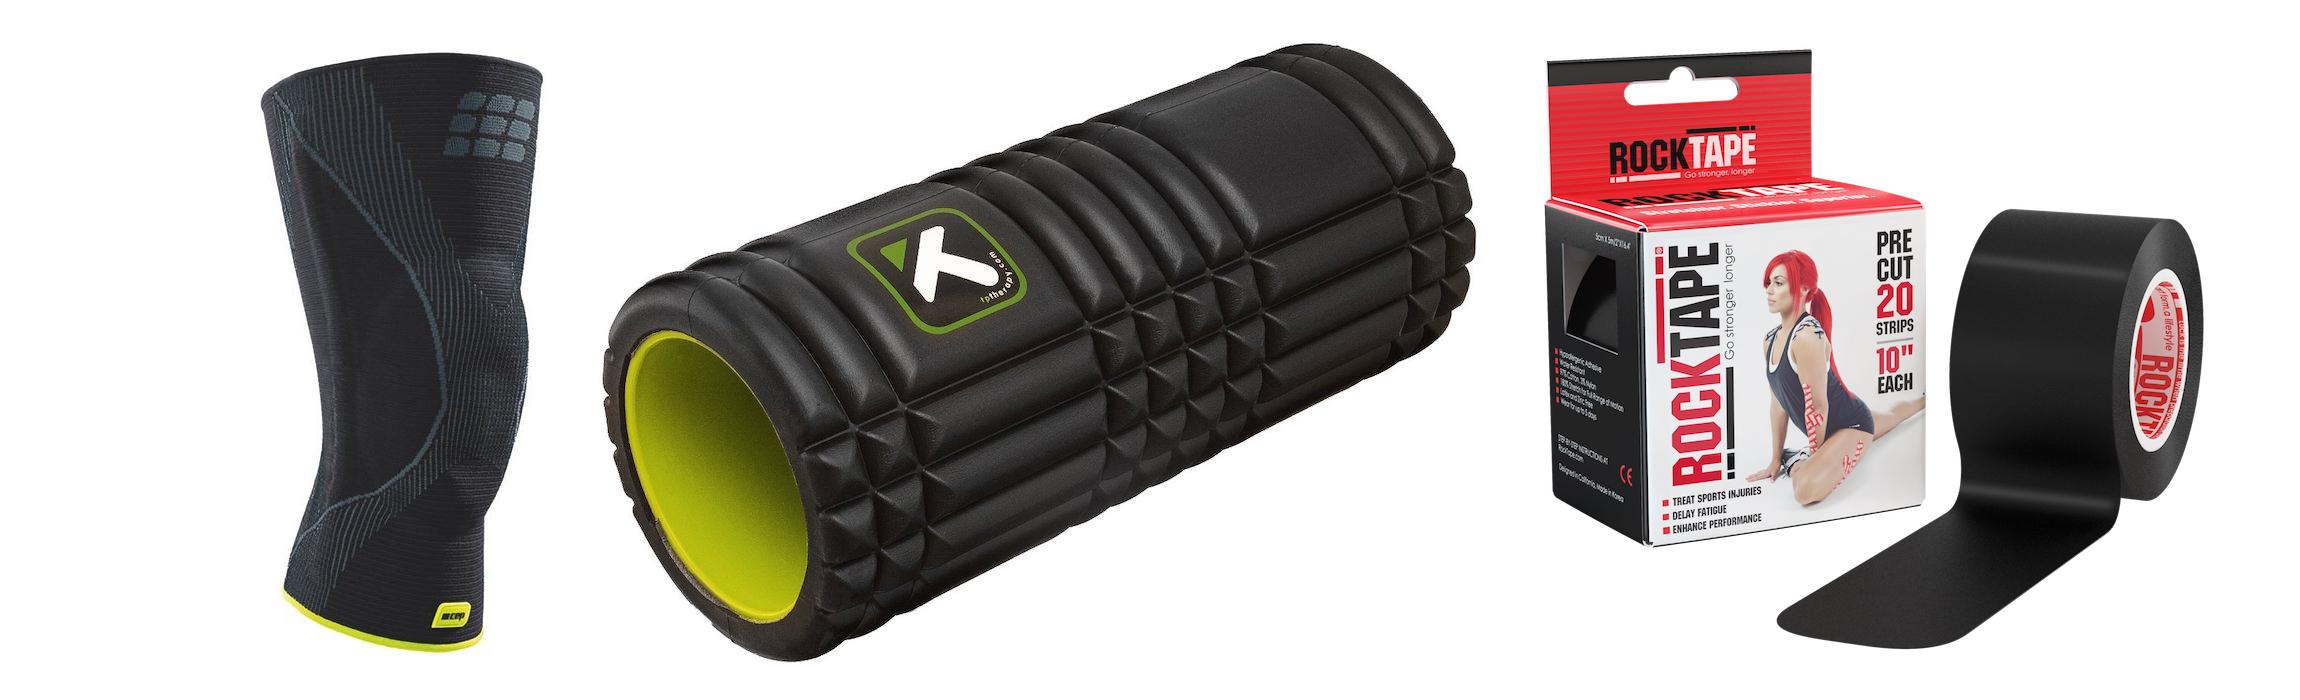 rock tape foam  roller and knee brace